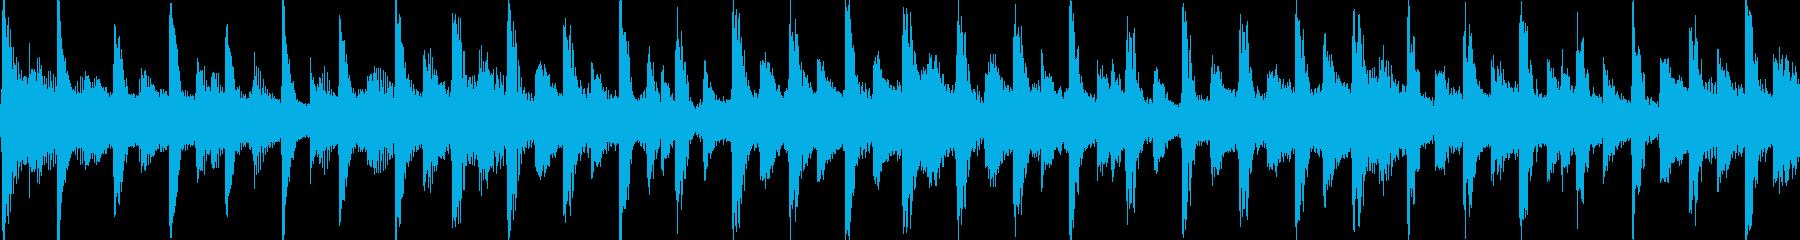 爽やかでキラキラしたポップジングルループの再生済みの波形